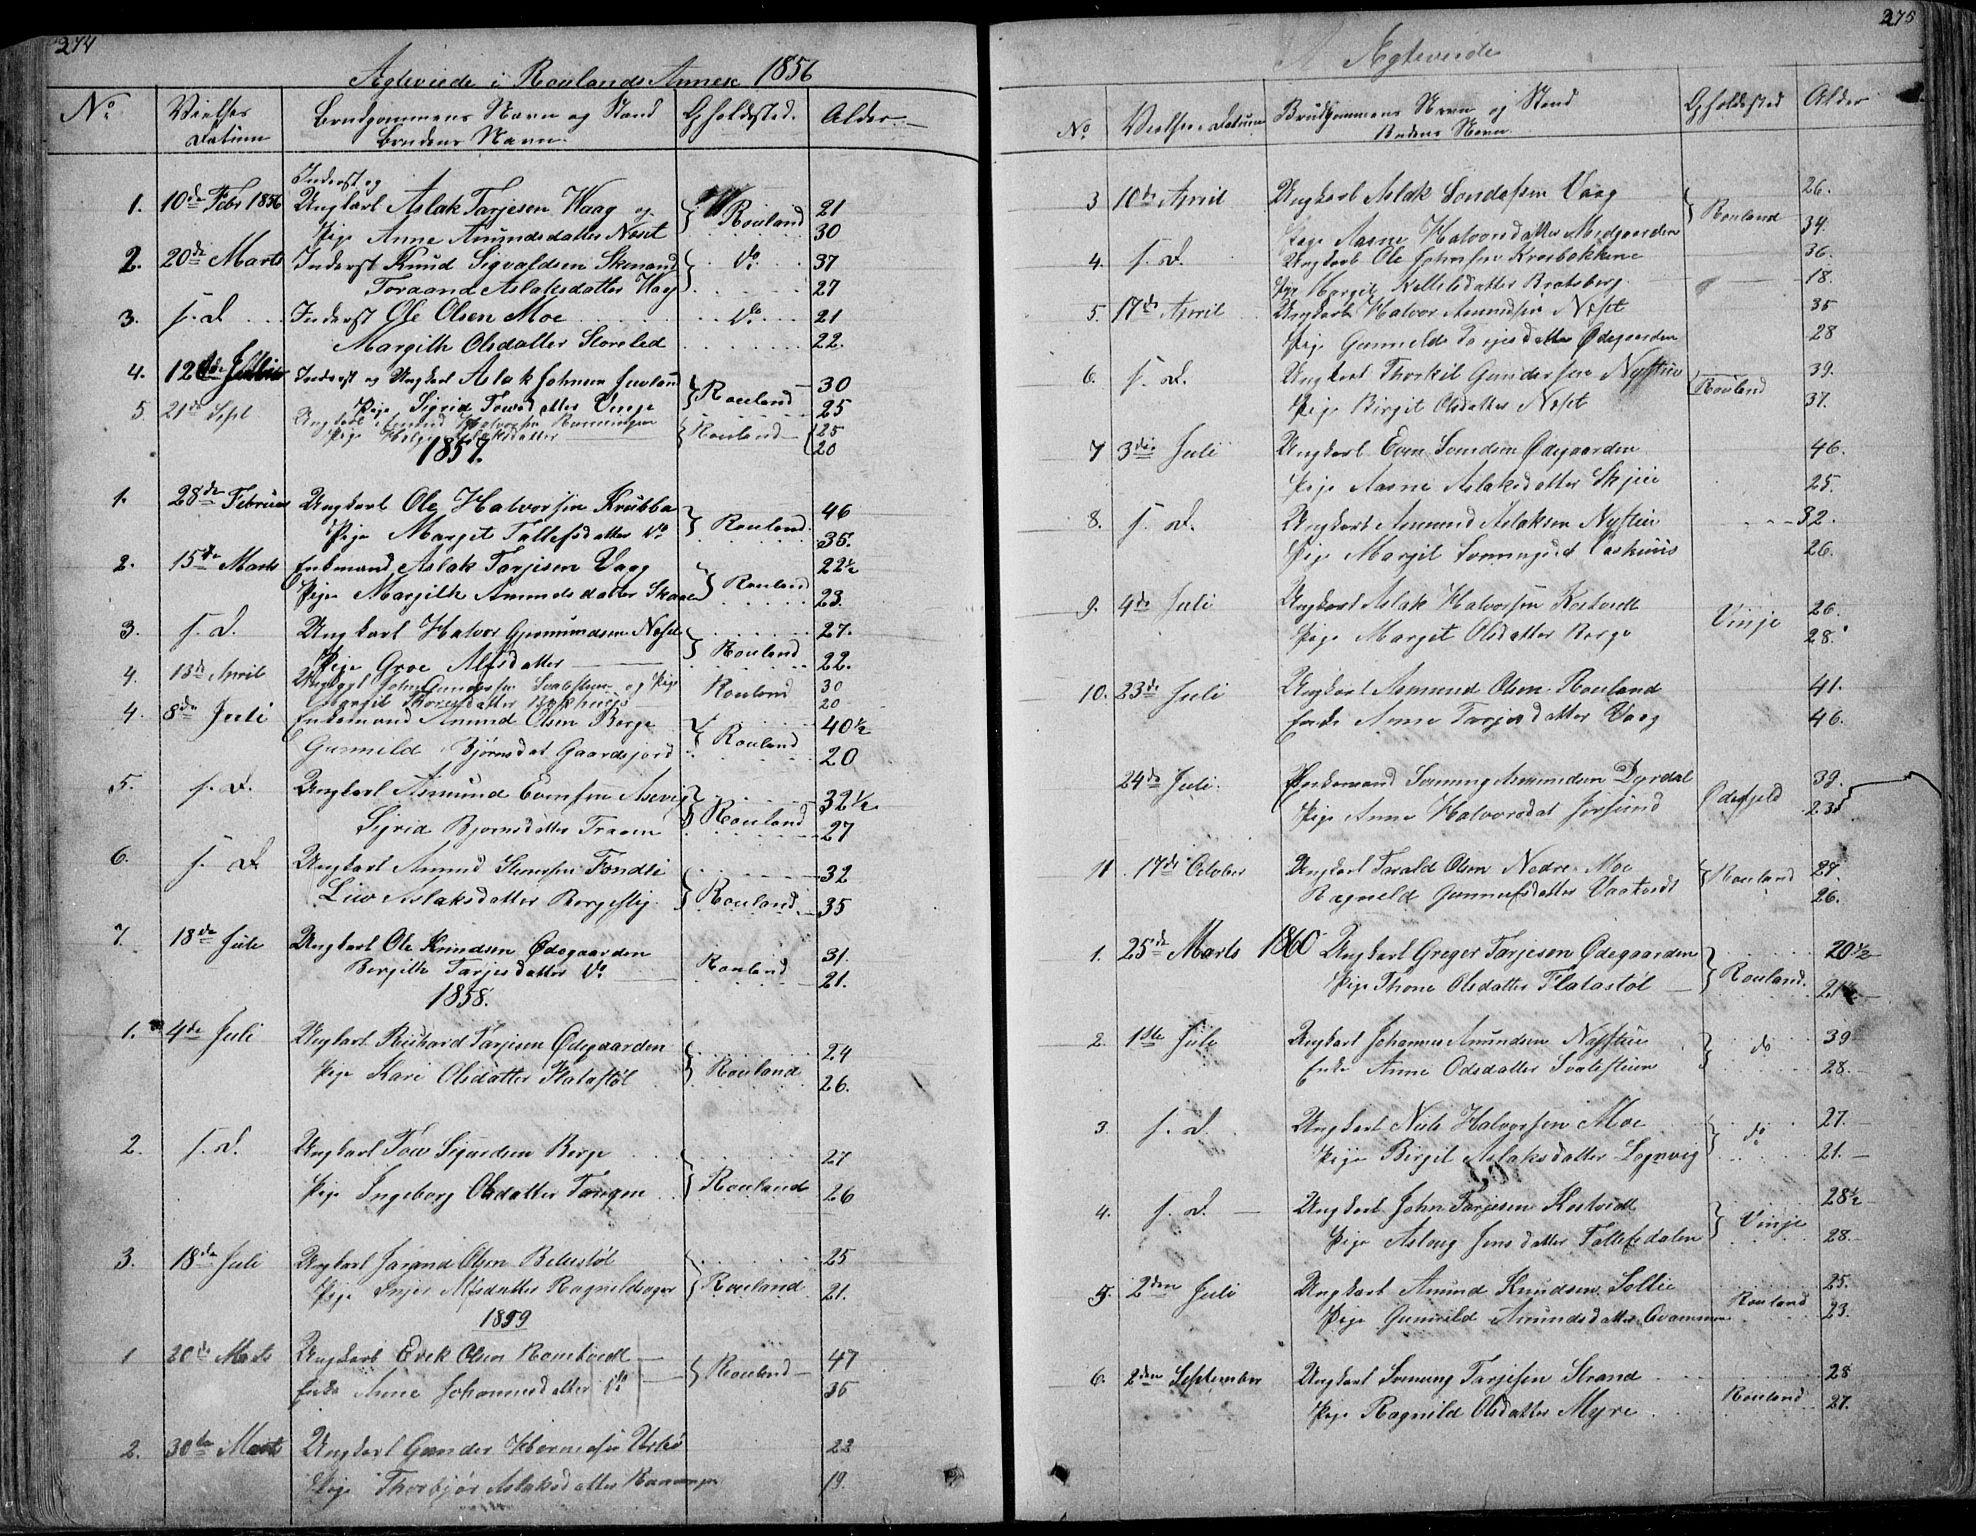 SAKO, Rauland kirkebøker, G/Ga/L0002: Klokkerbok nr. I 2, 1849-1935, s. 274-275